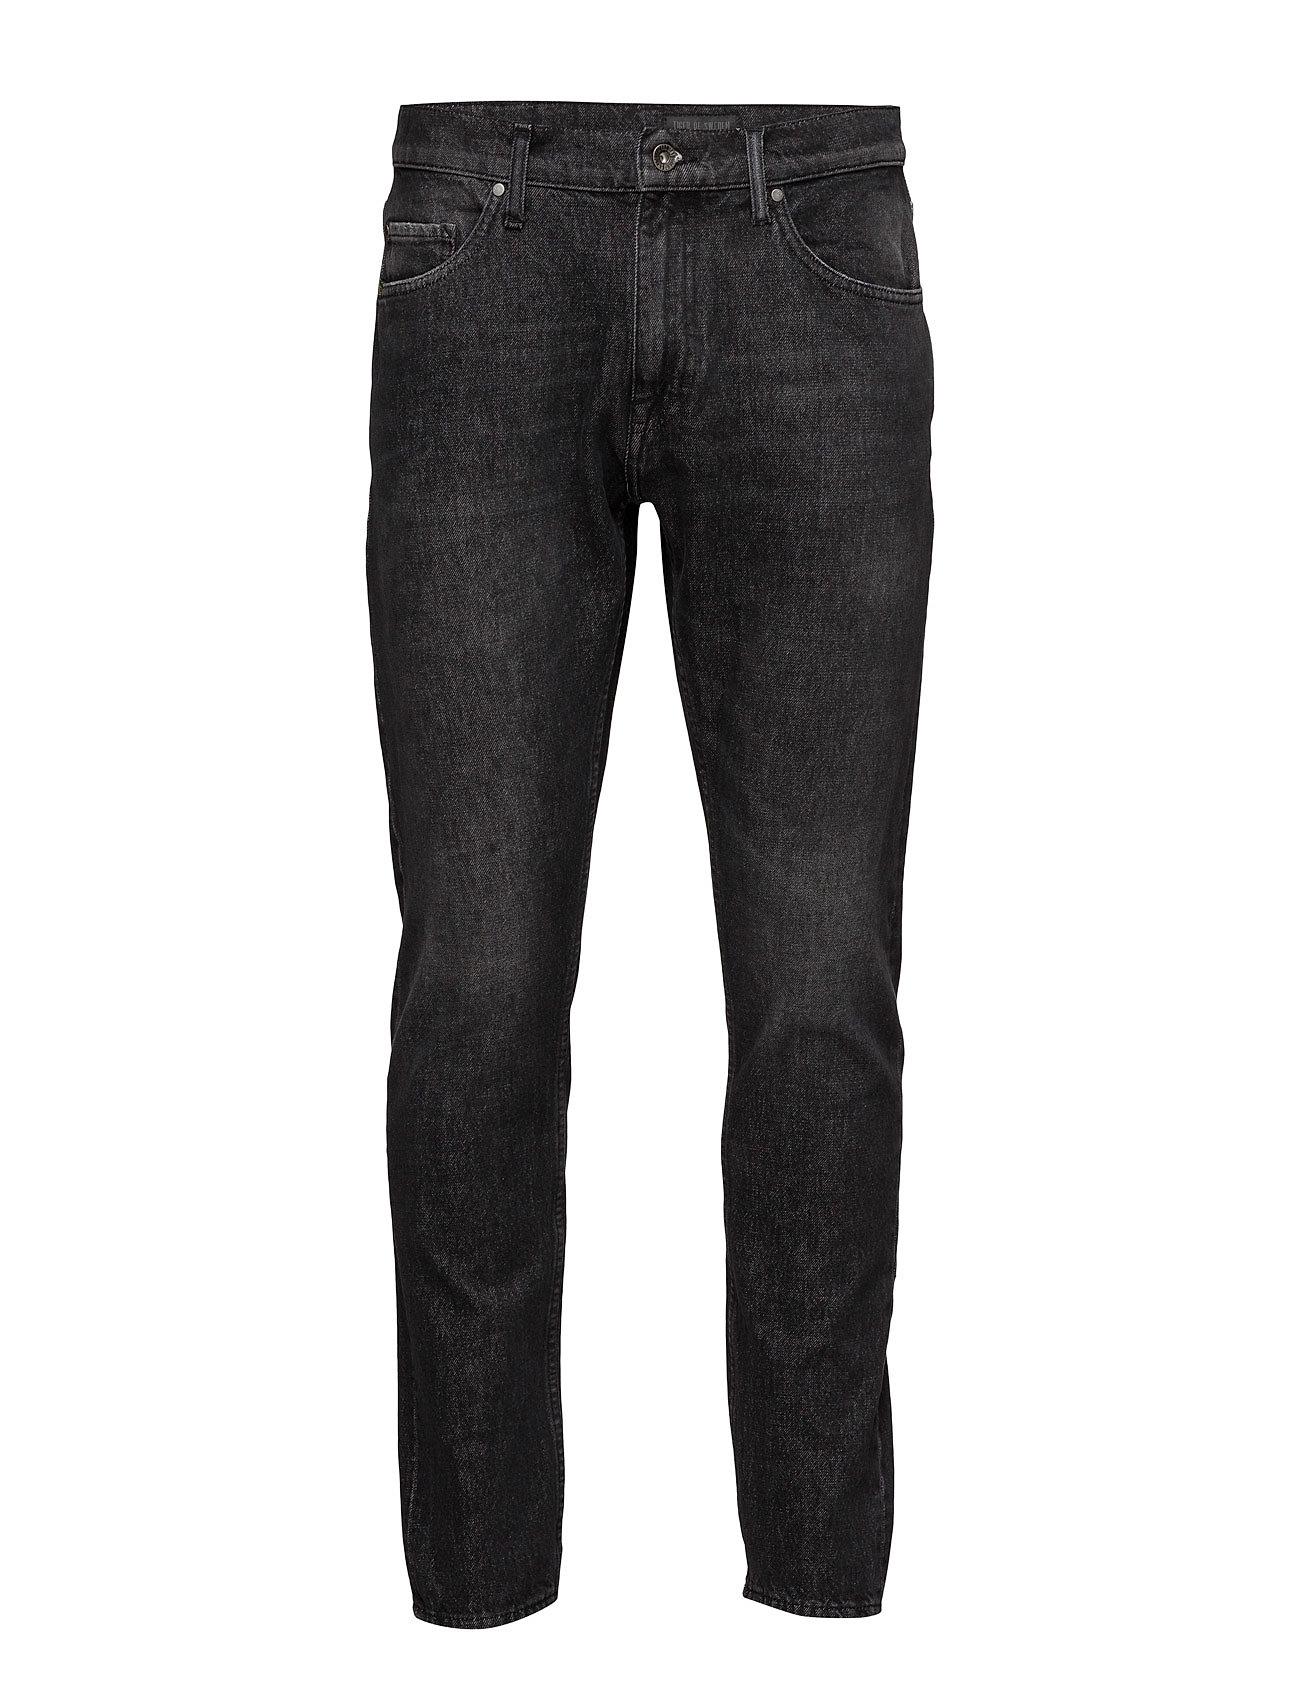 Pistolero fra tiger of sweden jeans på boozt.com dk